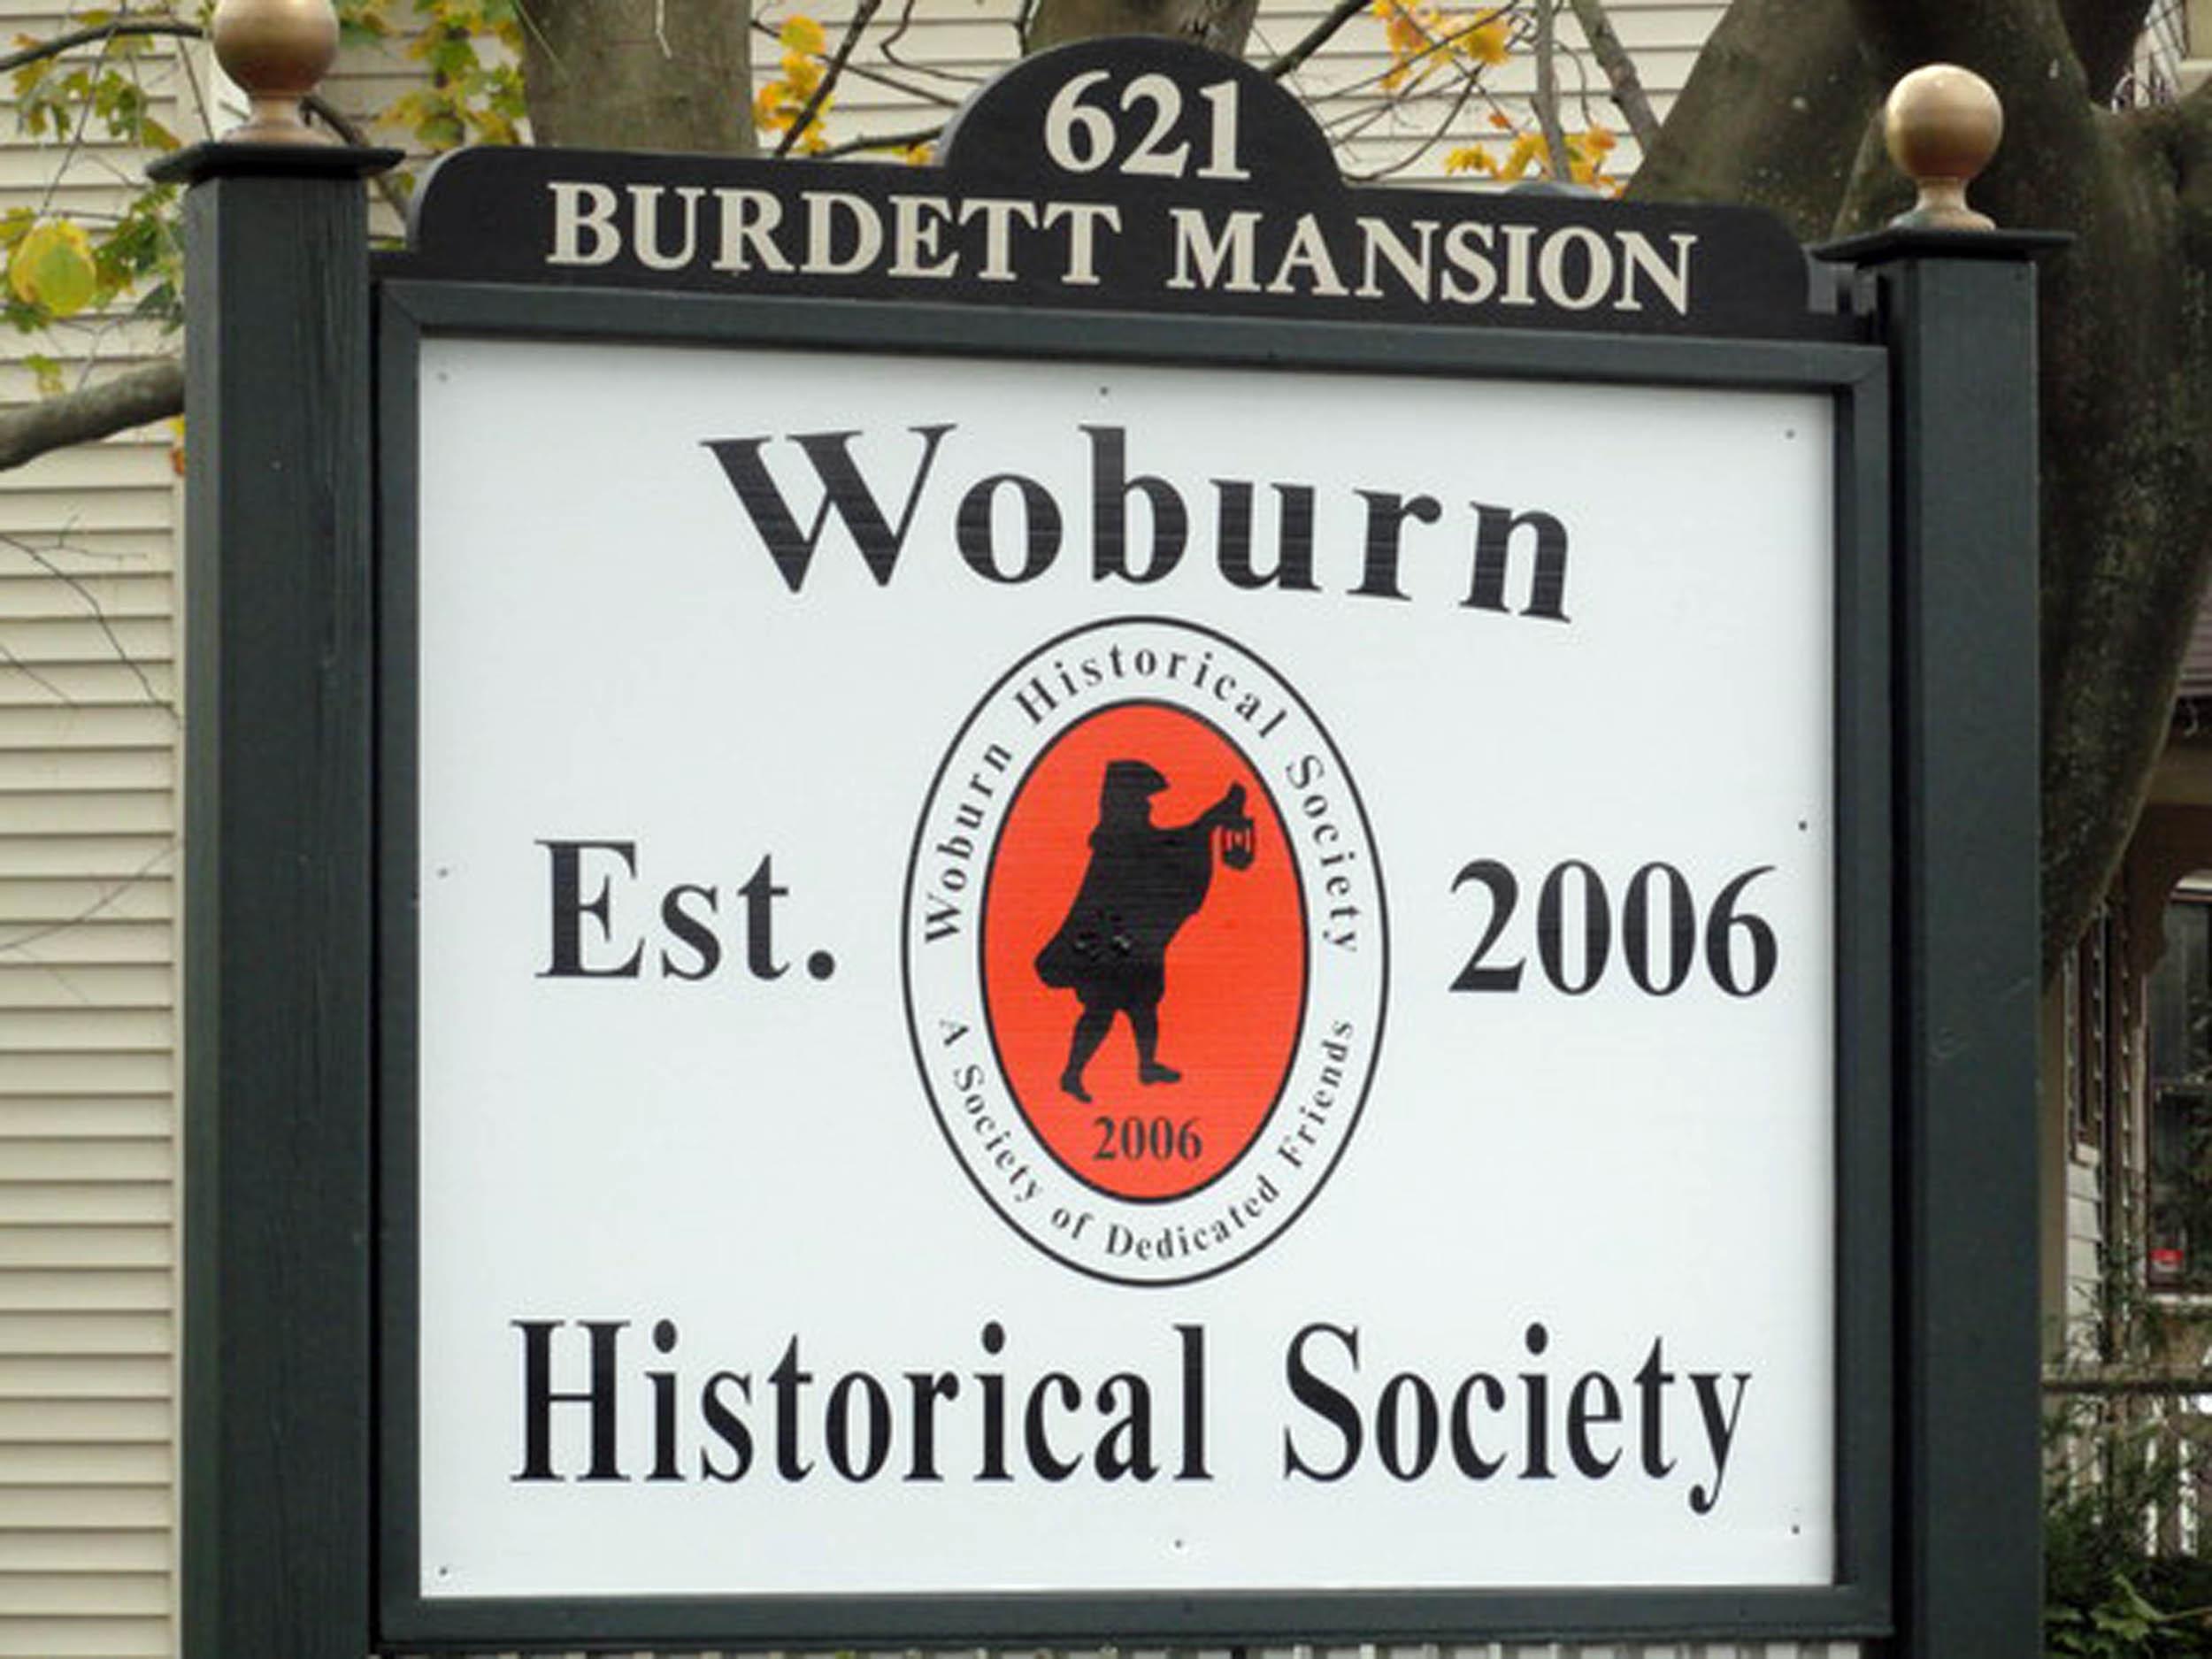 Woburn Historical Society